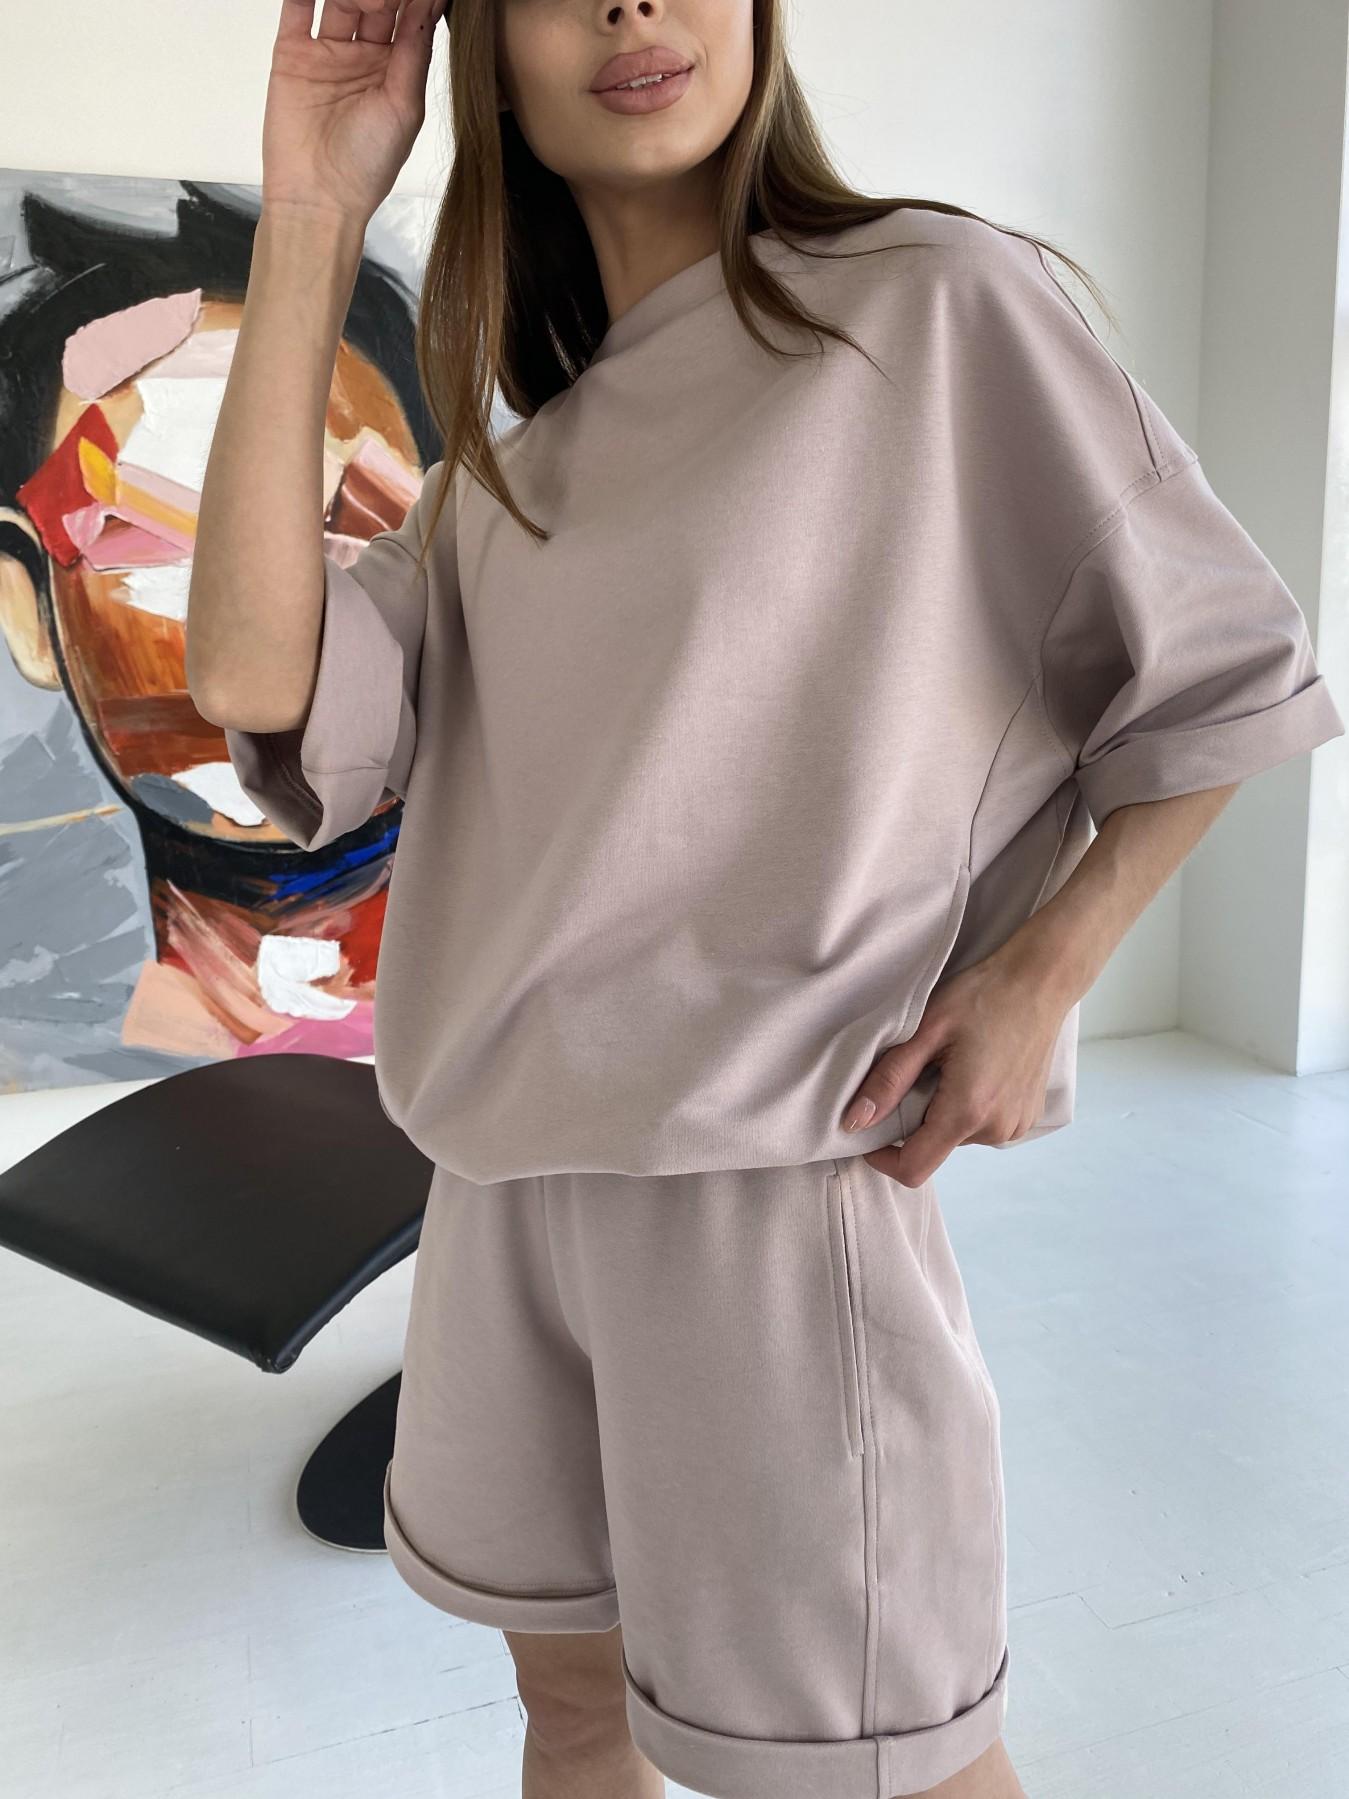 Фарт 3 костюм трикотажный 2х нитка из вискозы 11394 АРТ. 47931 Цвет: Пудра/белый - фото 6, интернет магазин tm-modus.ru